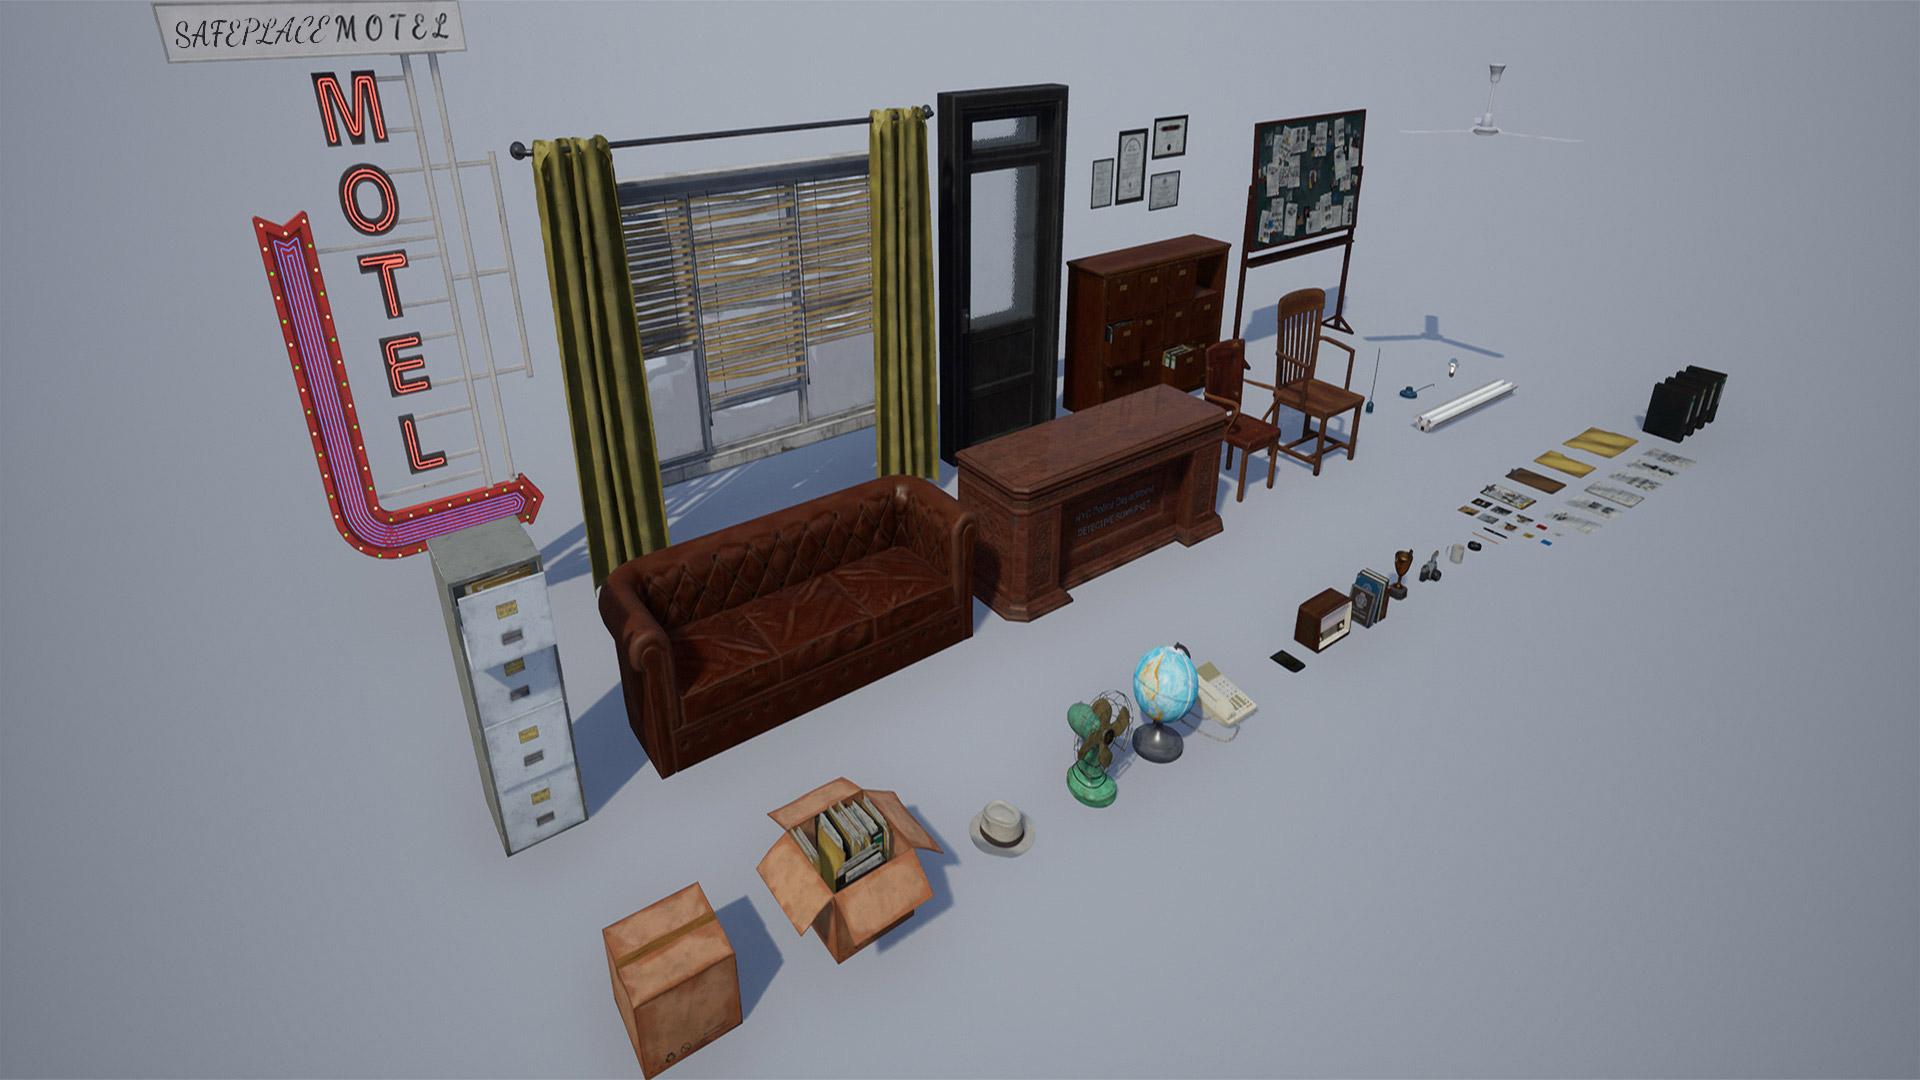 Prop2 1920x1080 3fba64e0f6382b2245612b0e86dcc02e - Detective Office V1 - 虚幻引擎侦探办公室模型